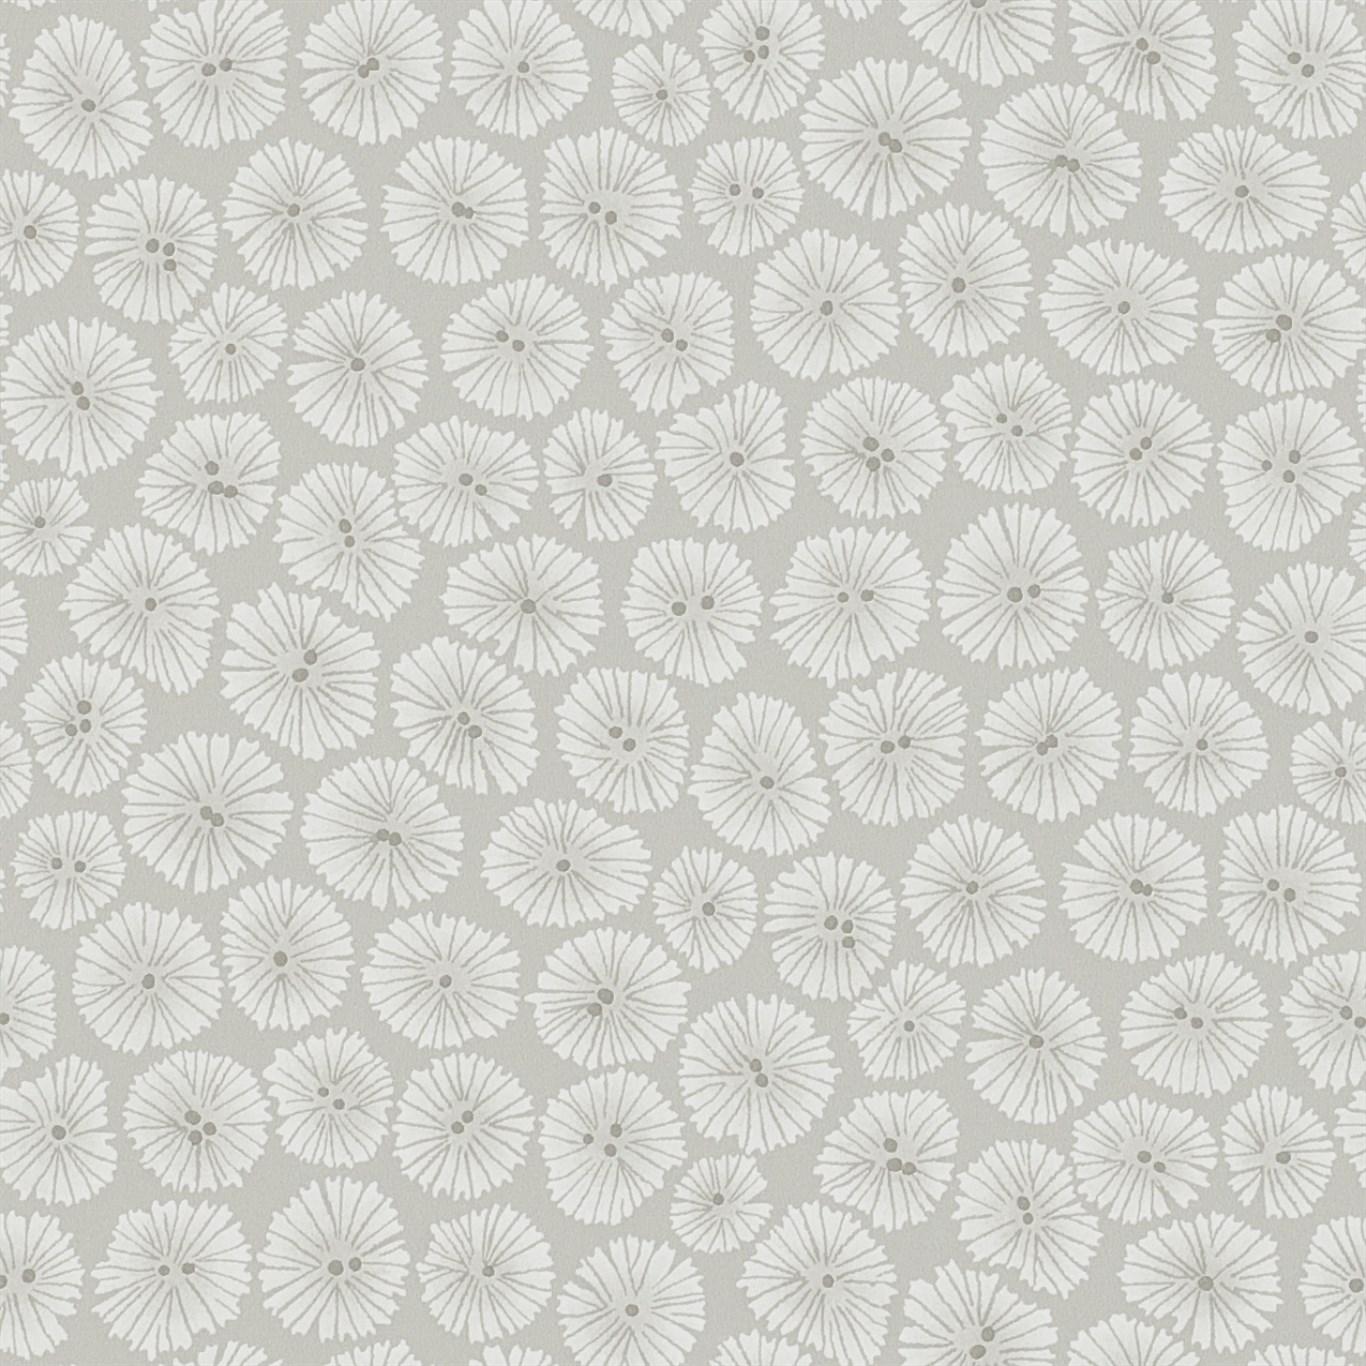 WIND FLOWERS DCHK213711